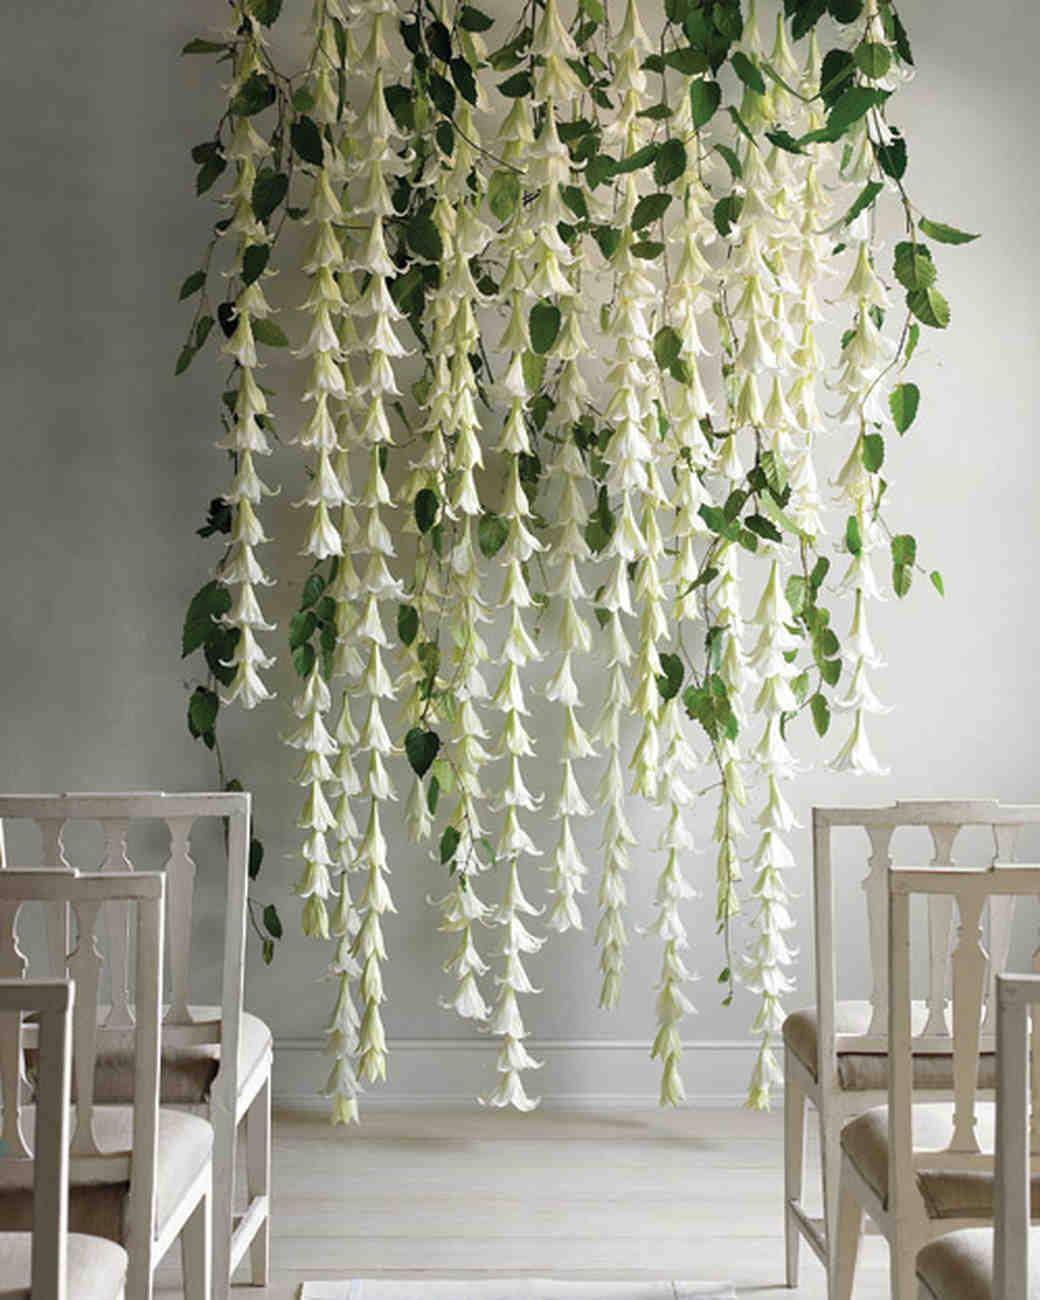 mw105244_0110_hangingflowers.jpg